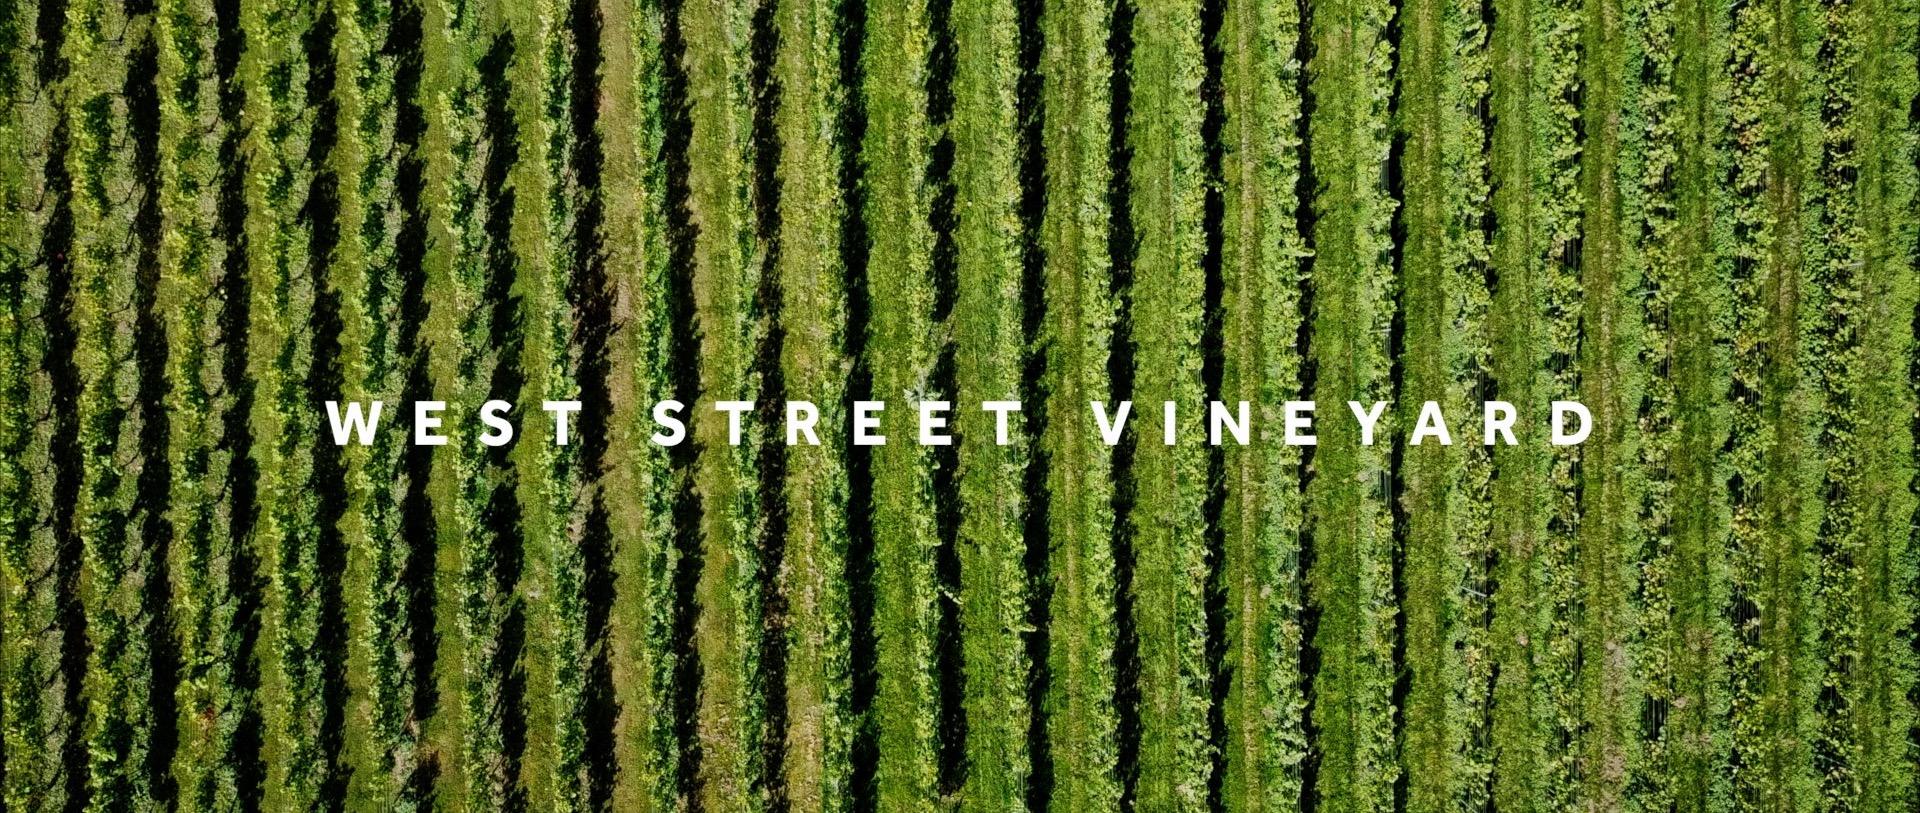 West Street Vineyard Arial View.jpg